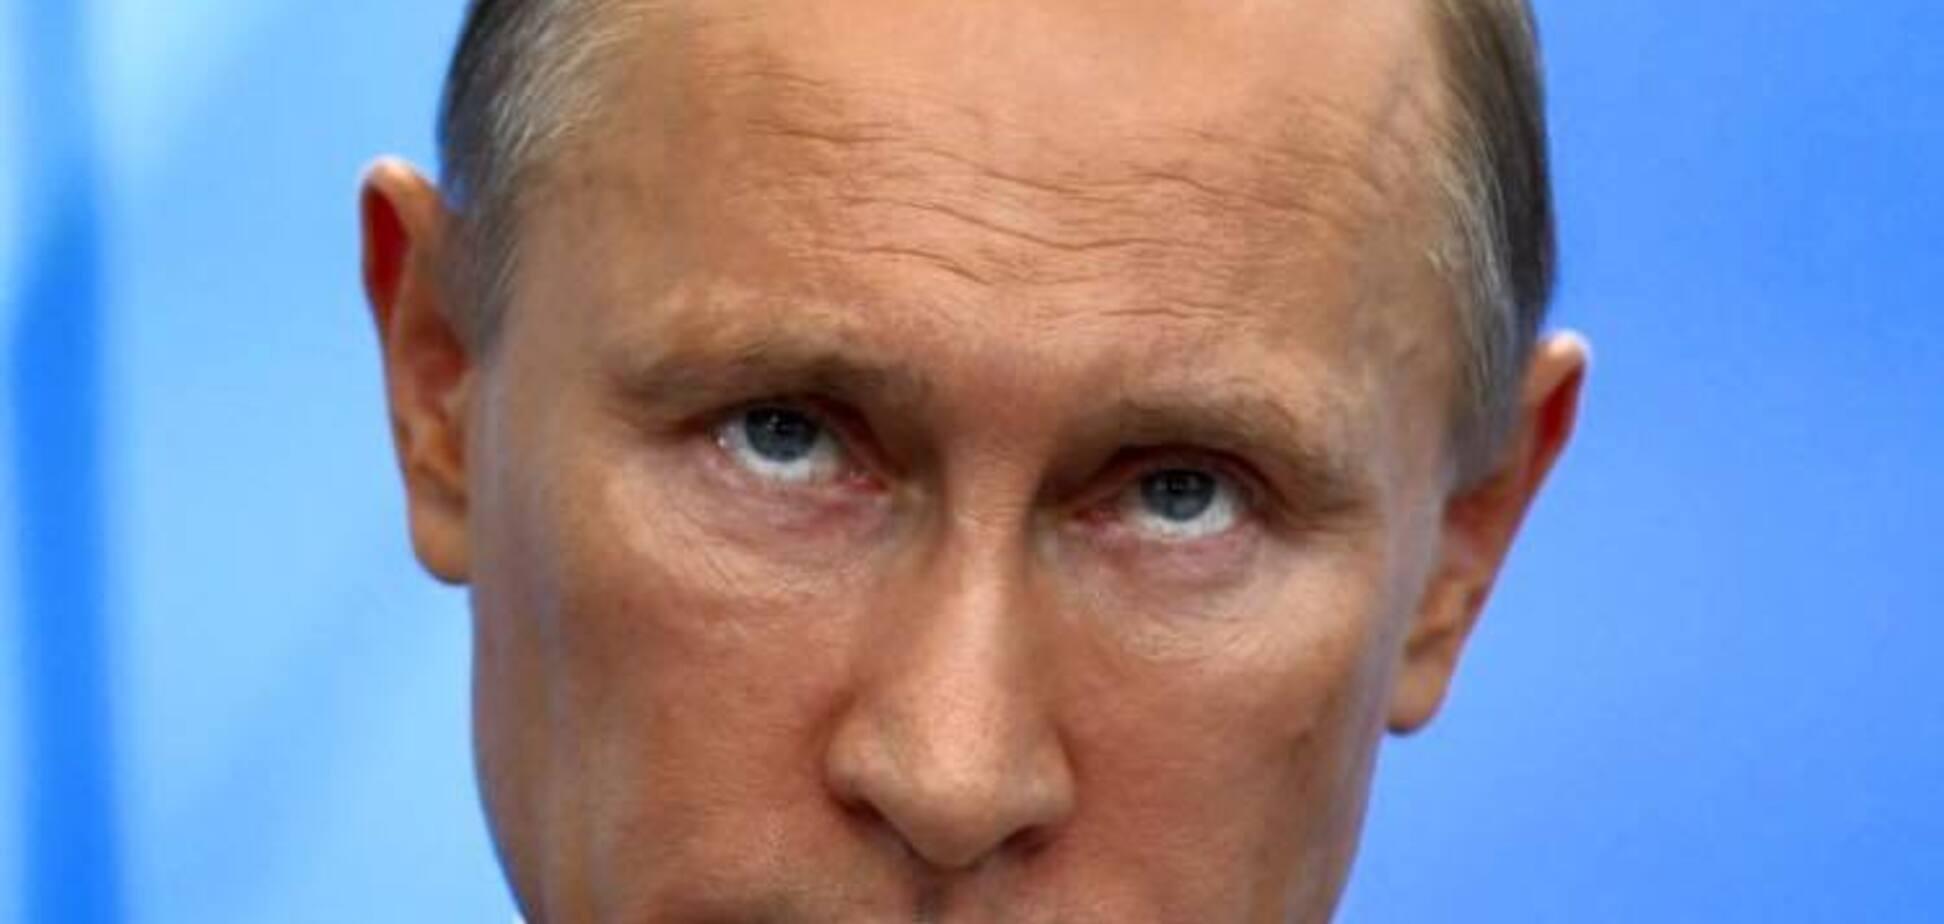 Все намного хуже: Путин не просто негодяй